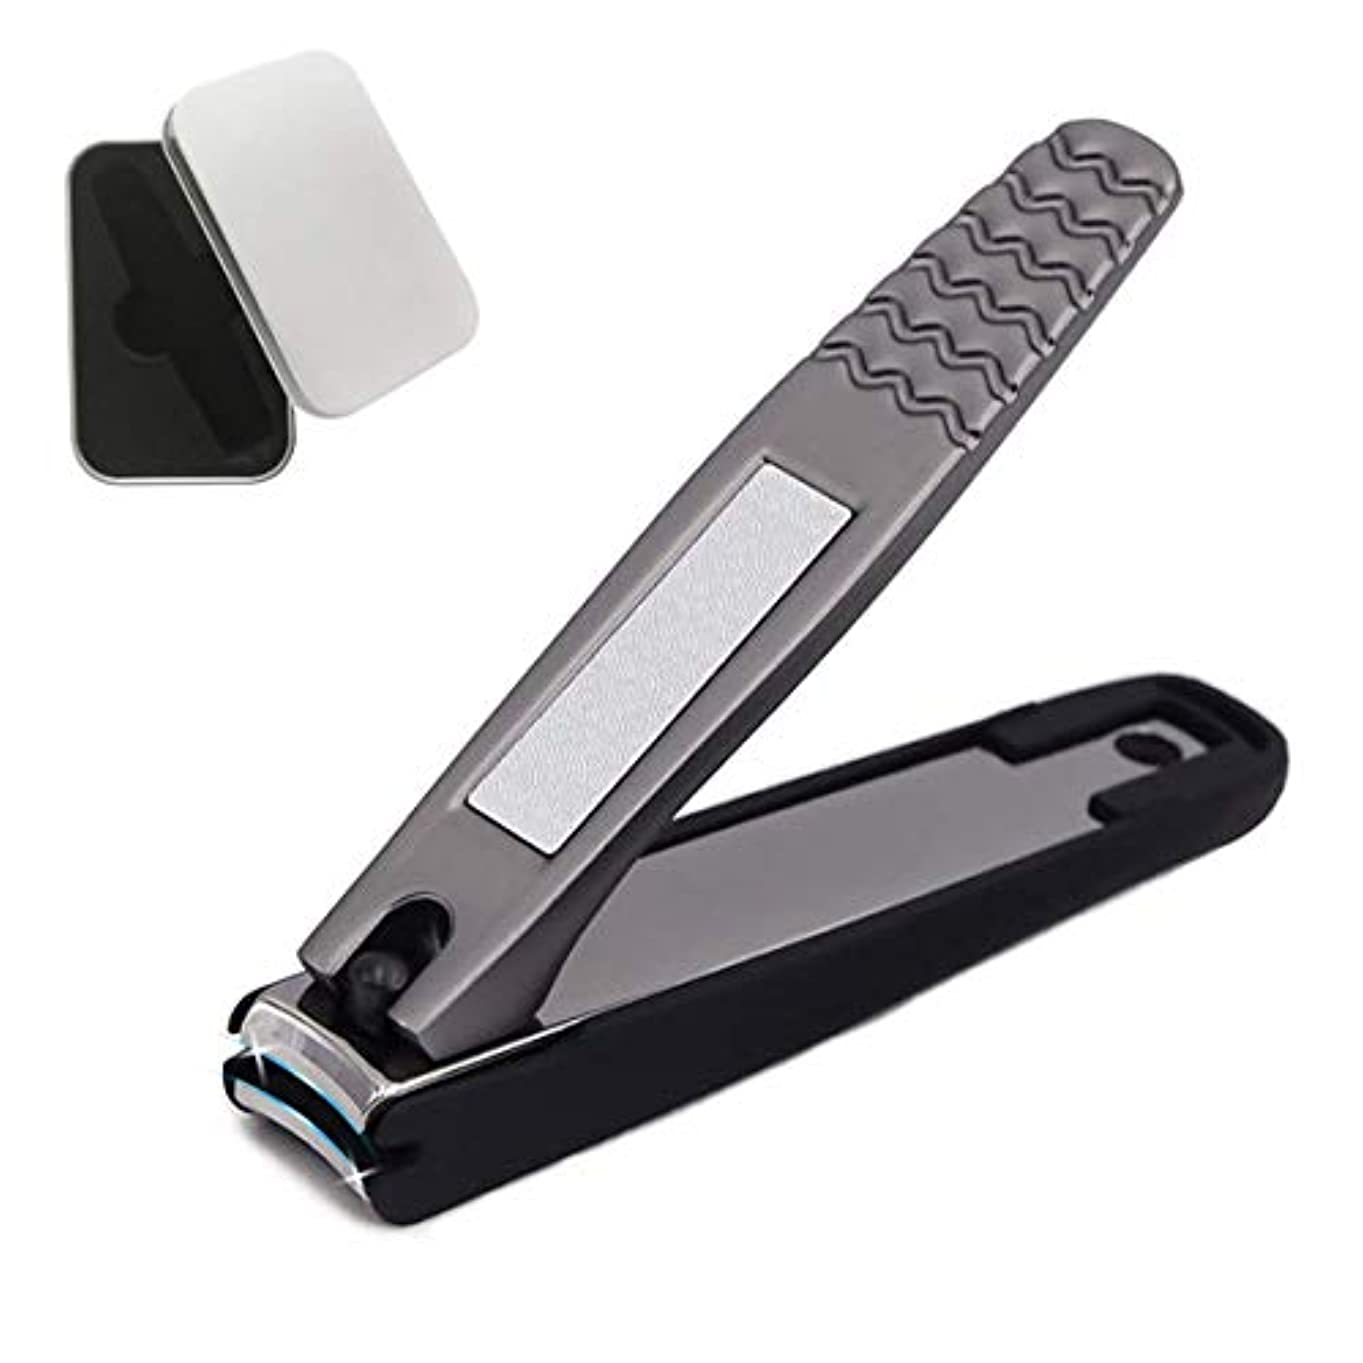 高級飛び散り防止爪切り 爪切り つめきり ステンレス製 ニッパー 金属ケース付き